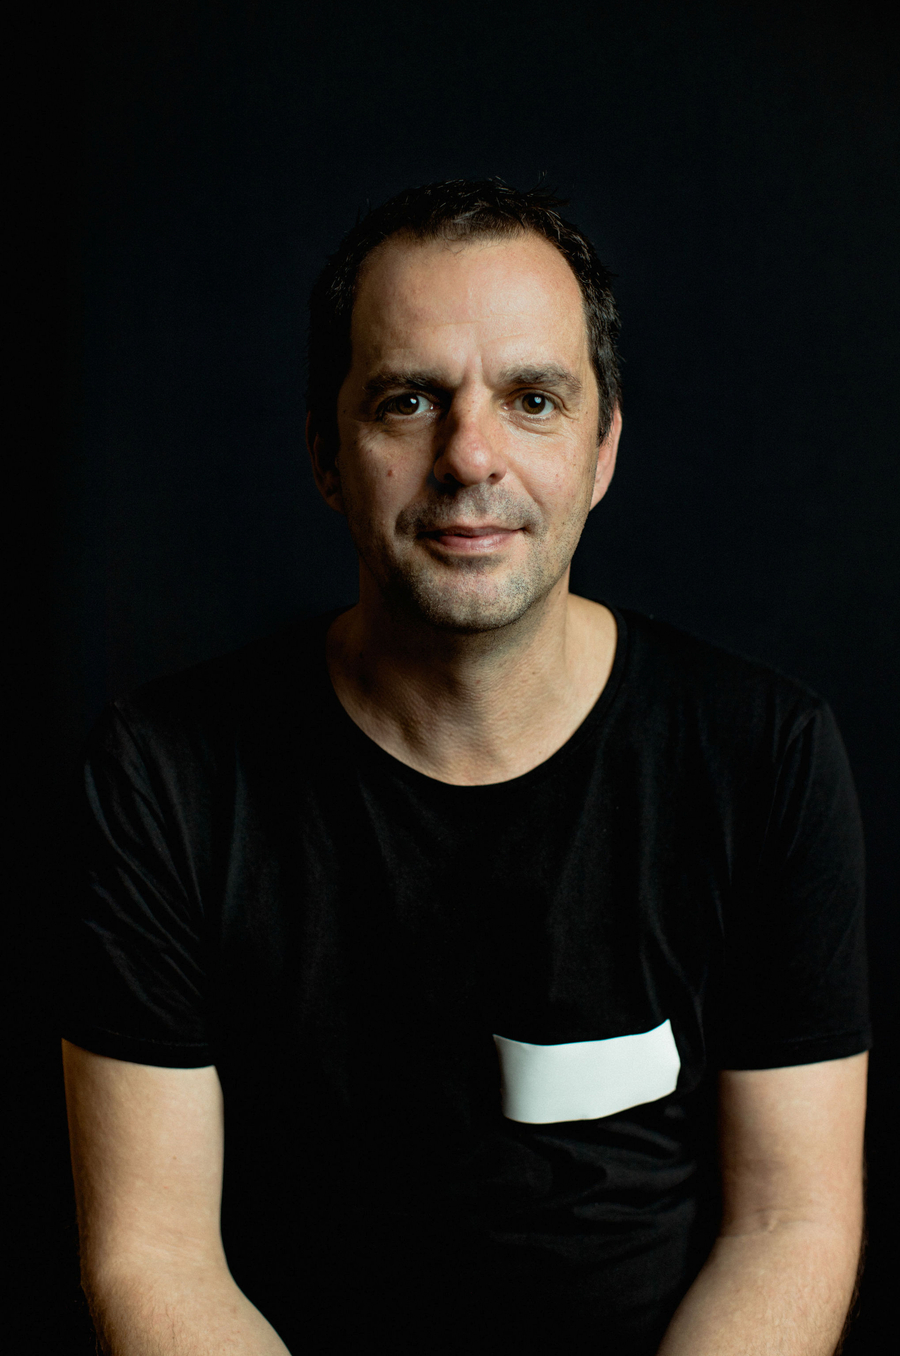 Stefan Schett